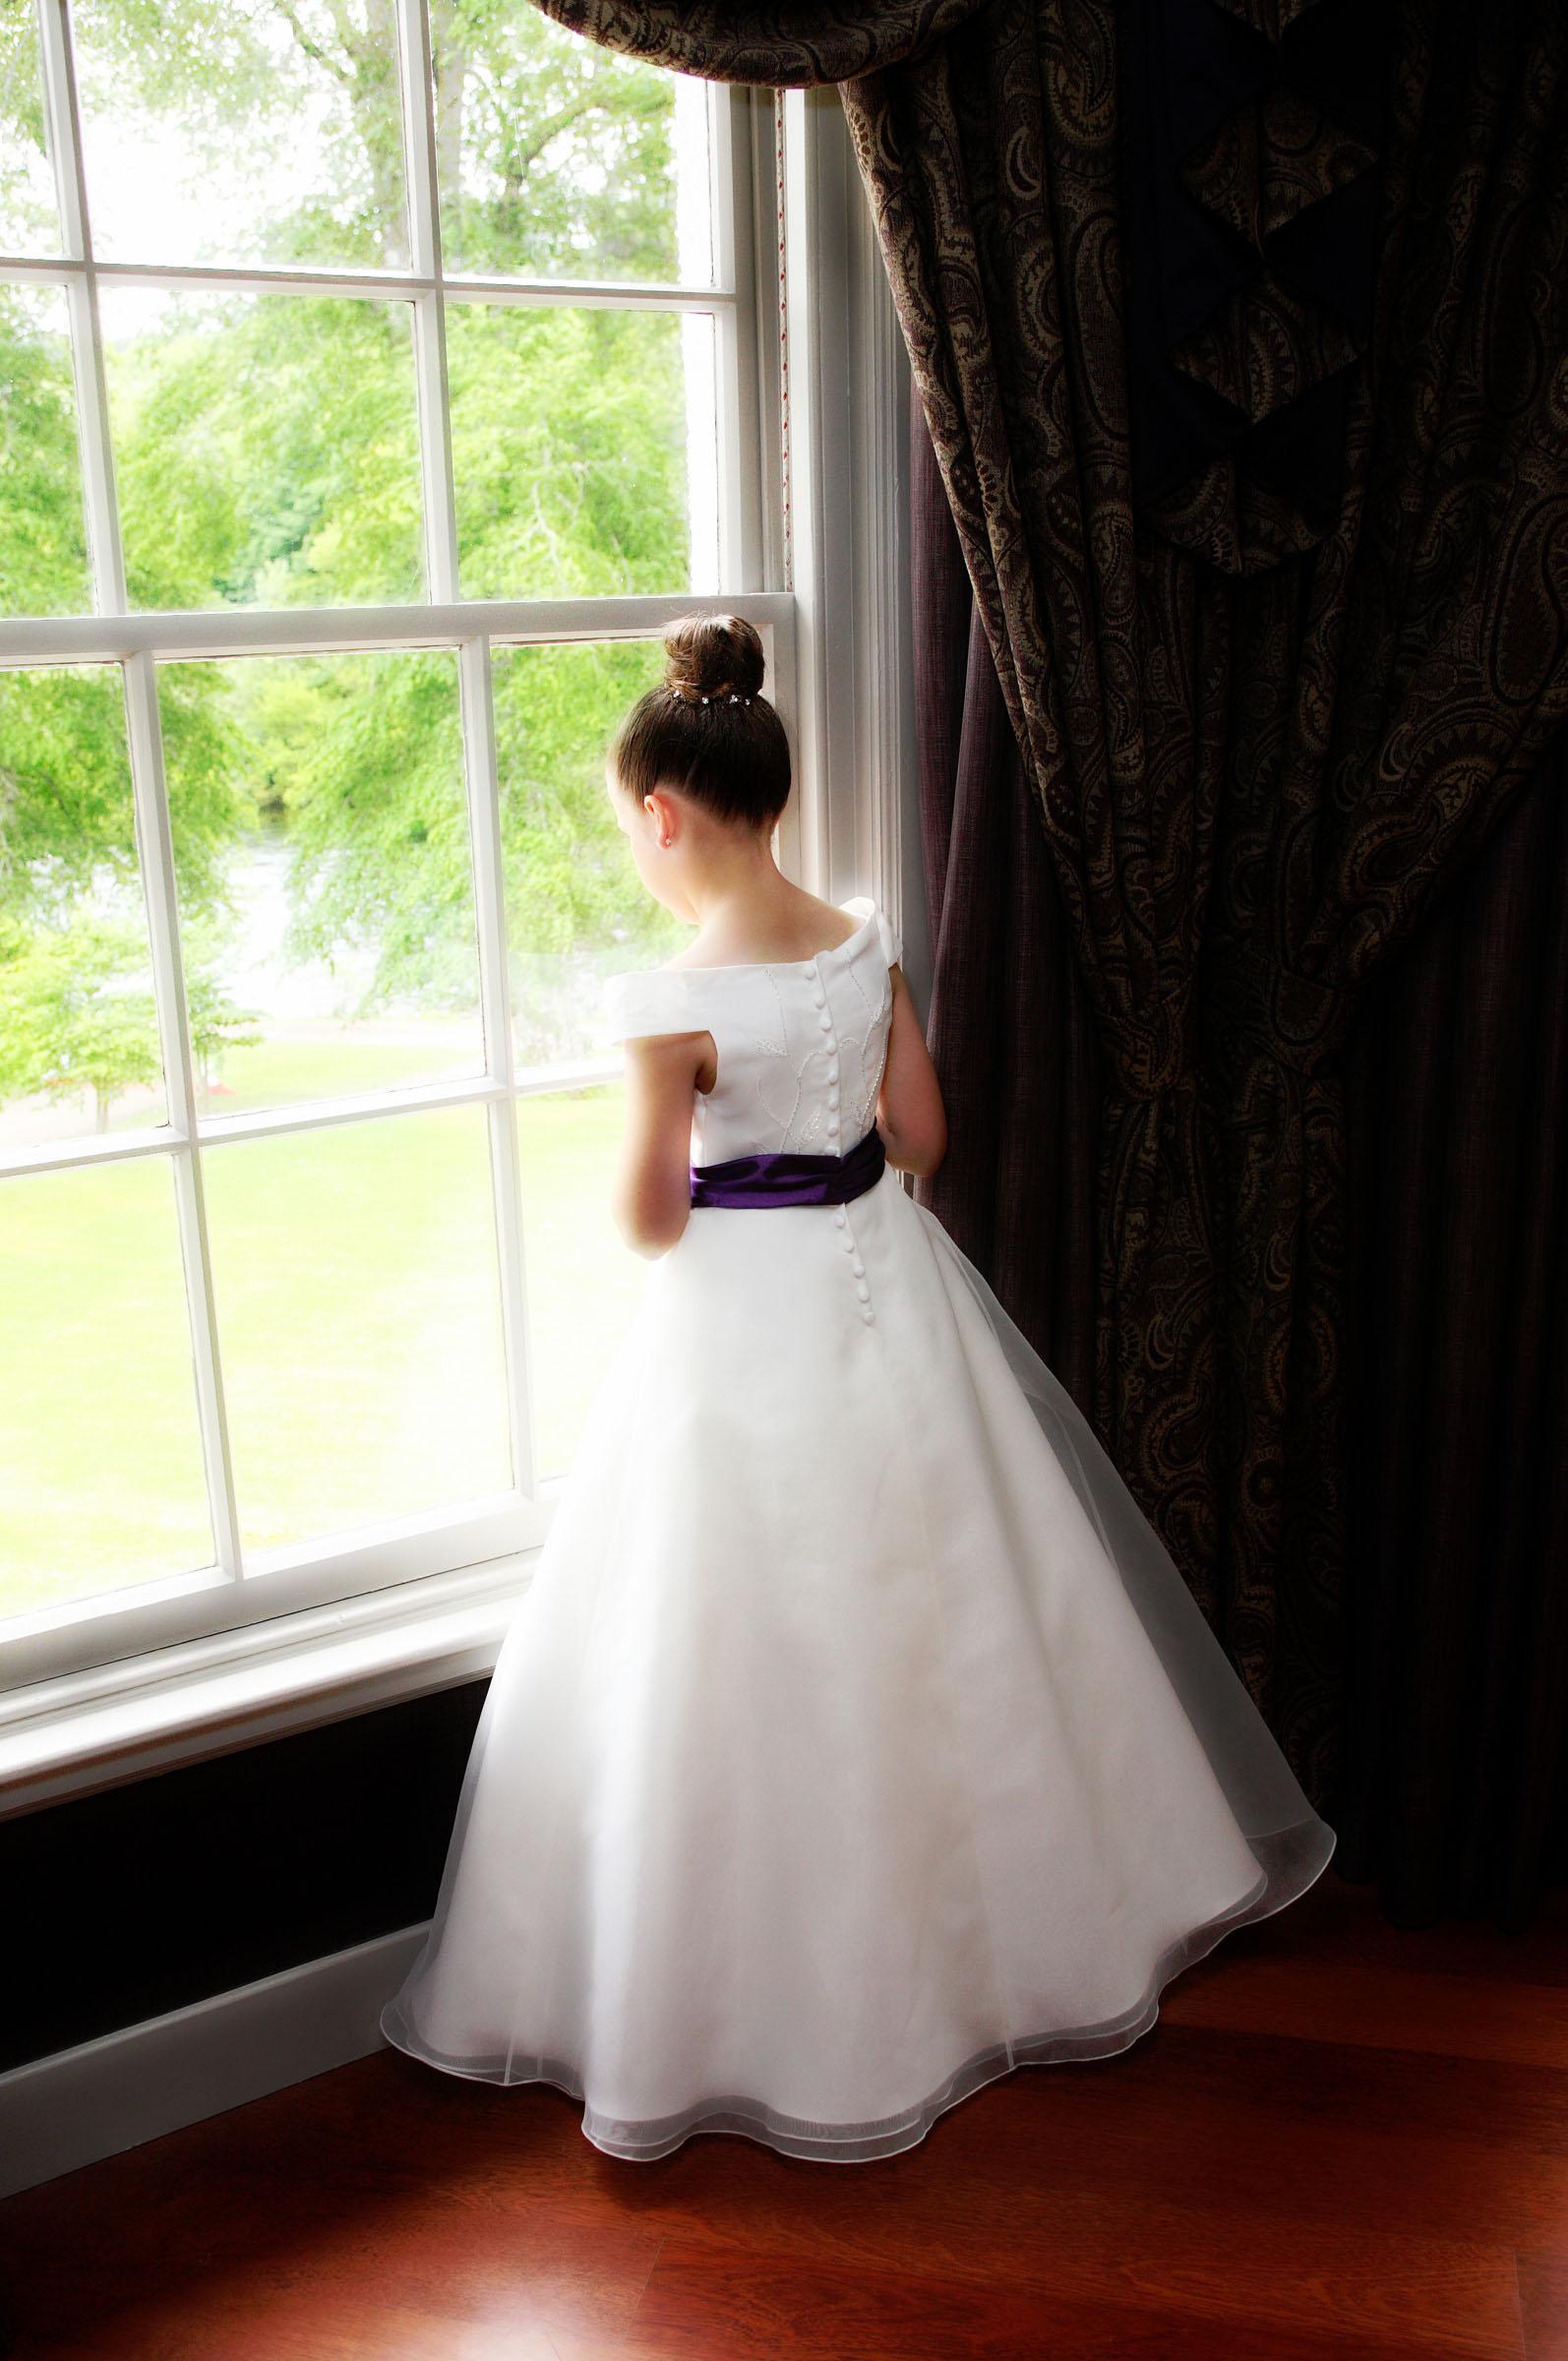 Flower_Girl_at_window.jpg